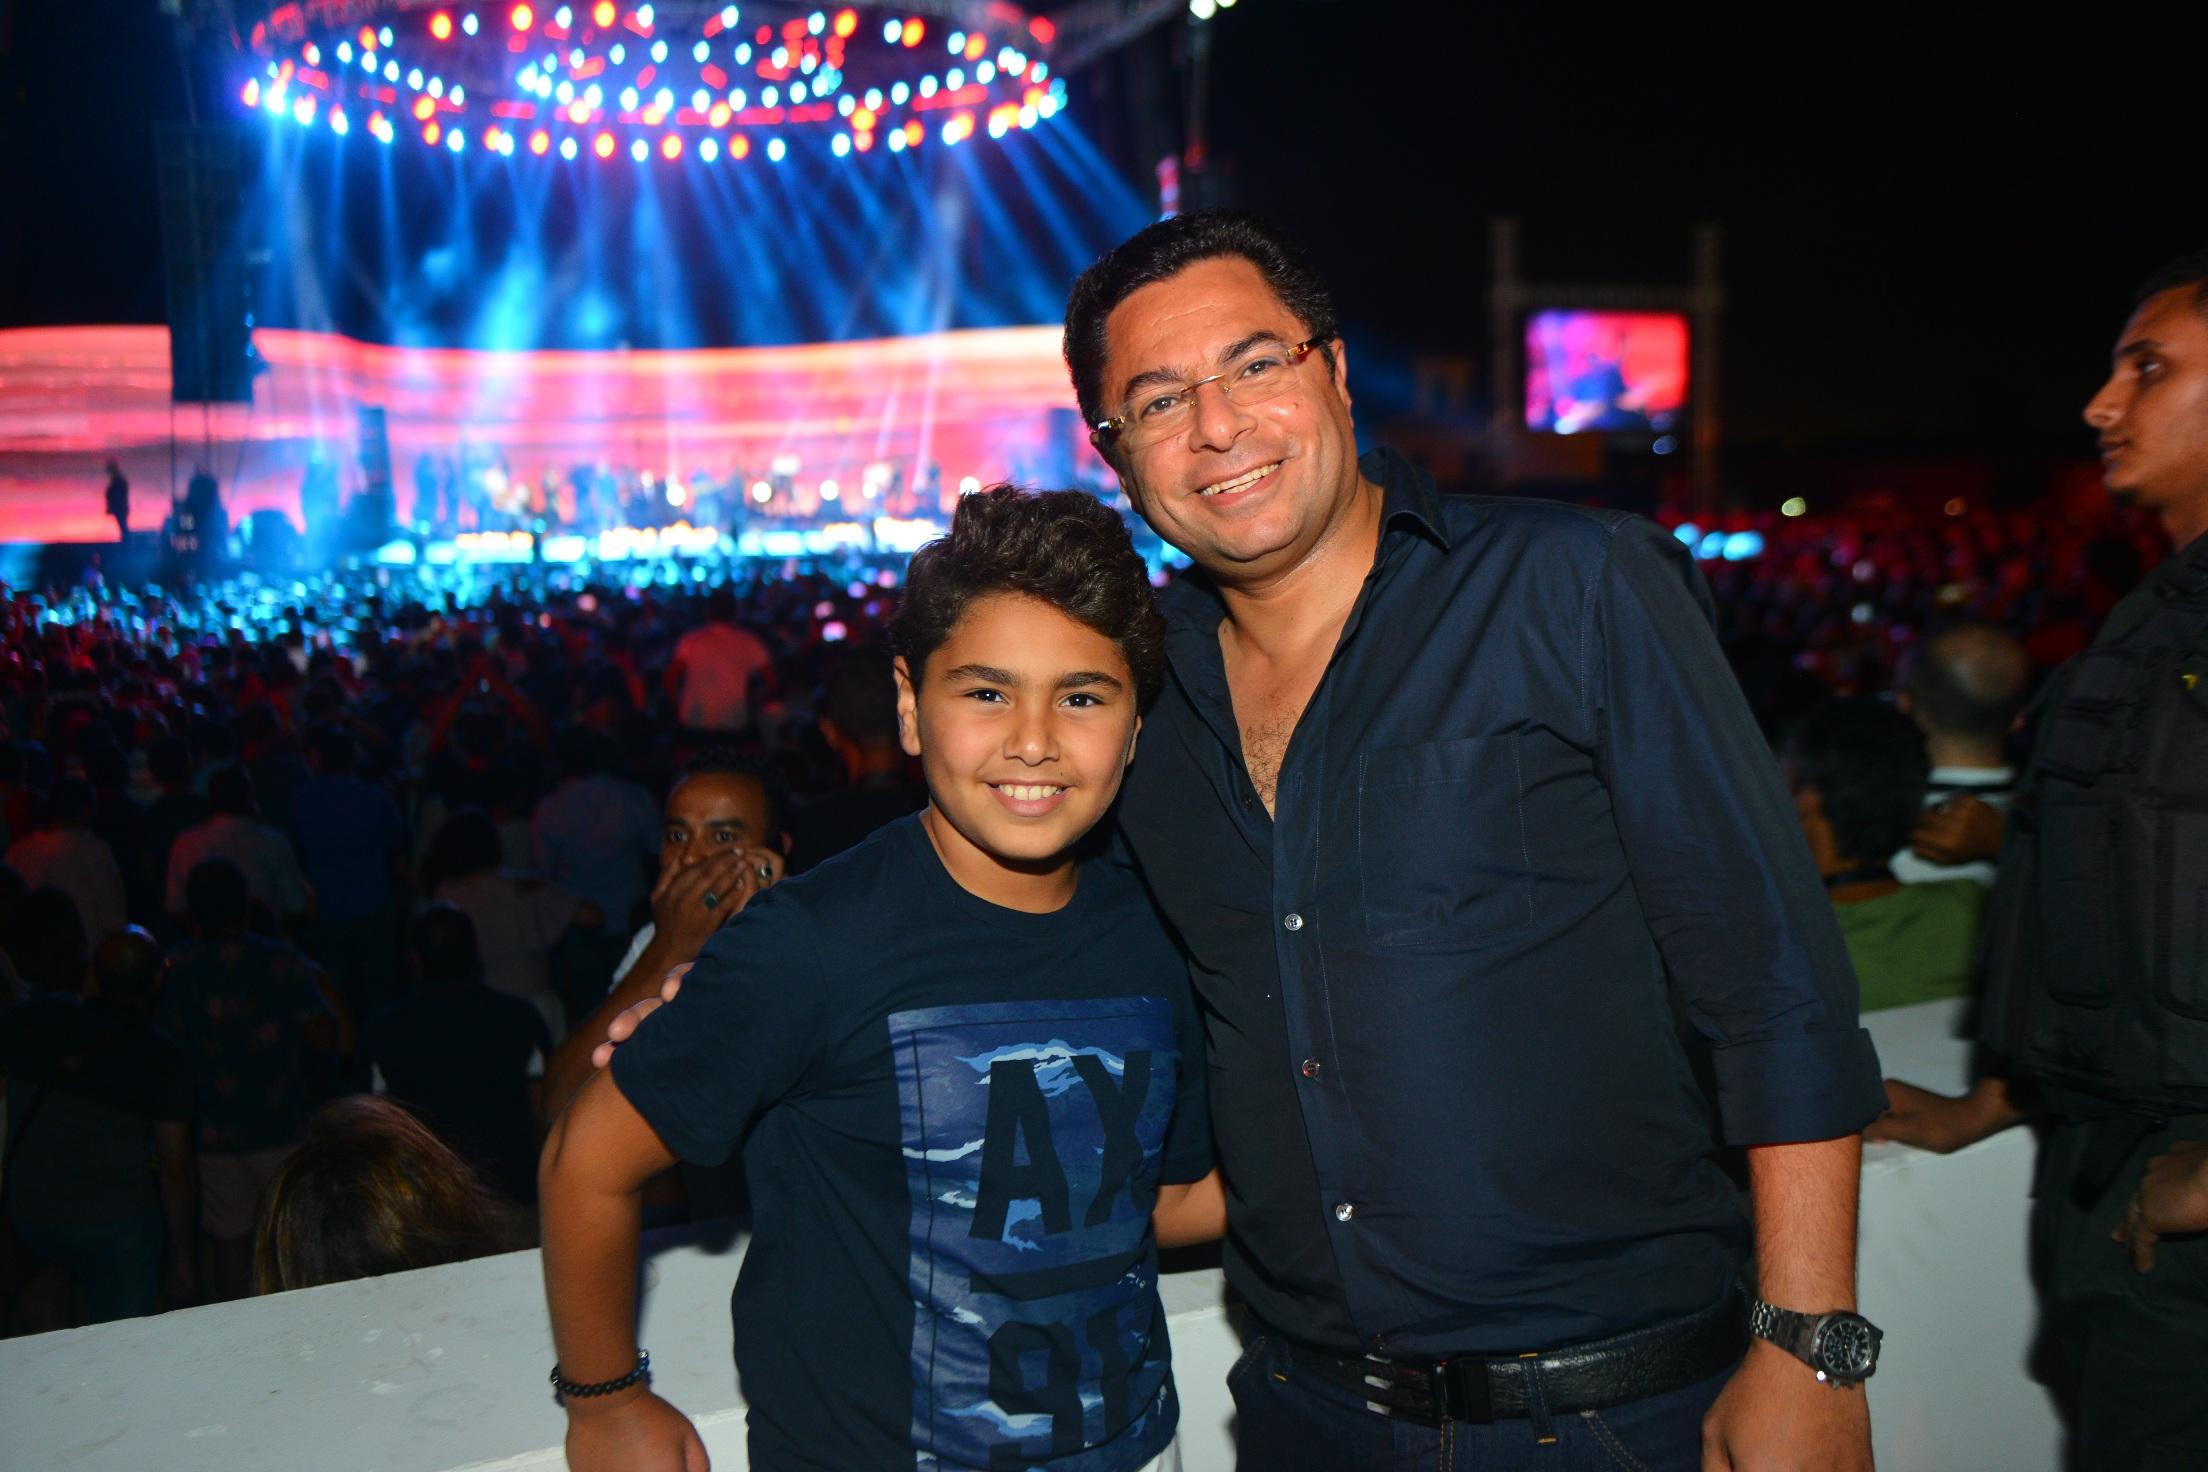 Mr. Mohamed Abu Bakr & Mr. Khaled Abu Bakr